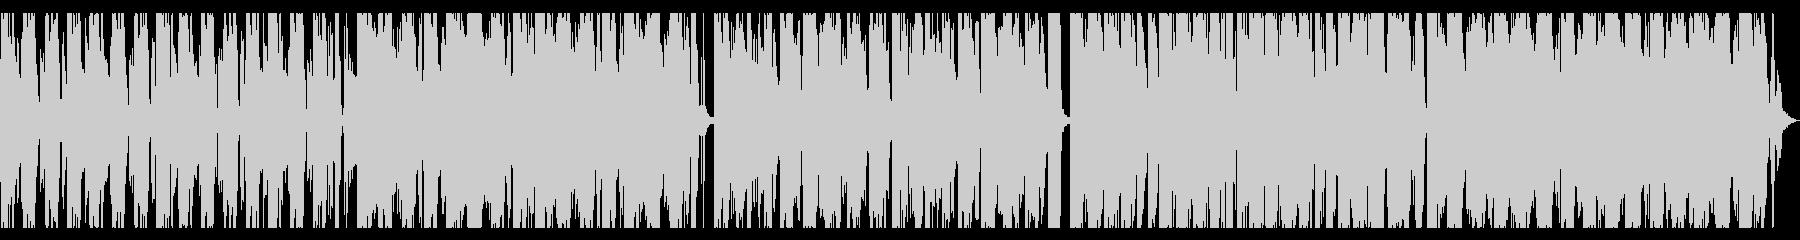 マイナーな雰囲気のロック_No390_2の未再生の波形